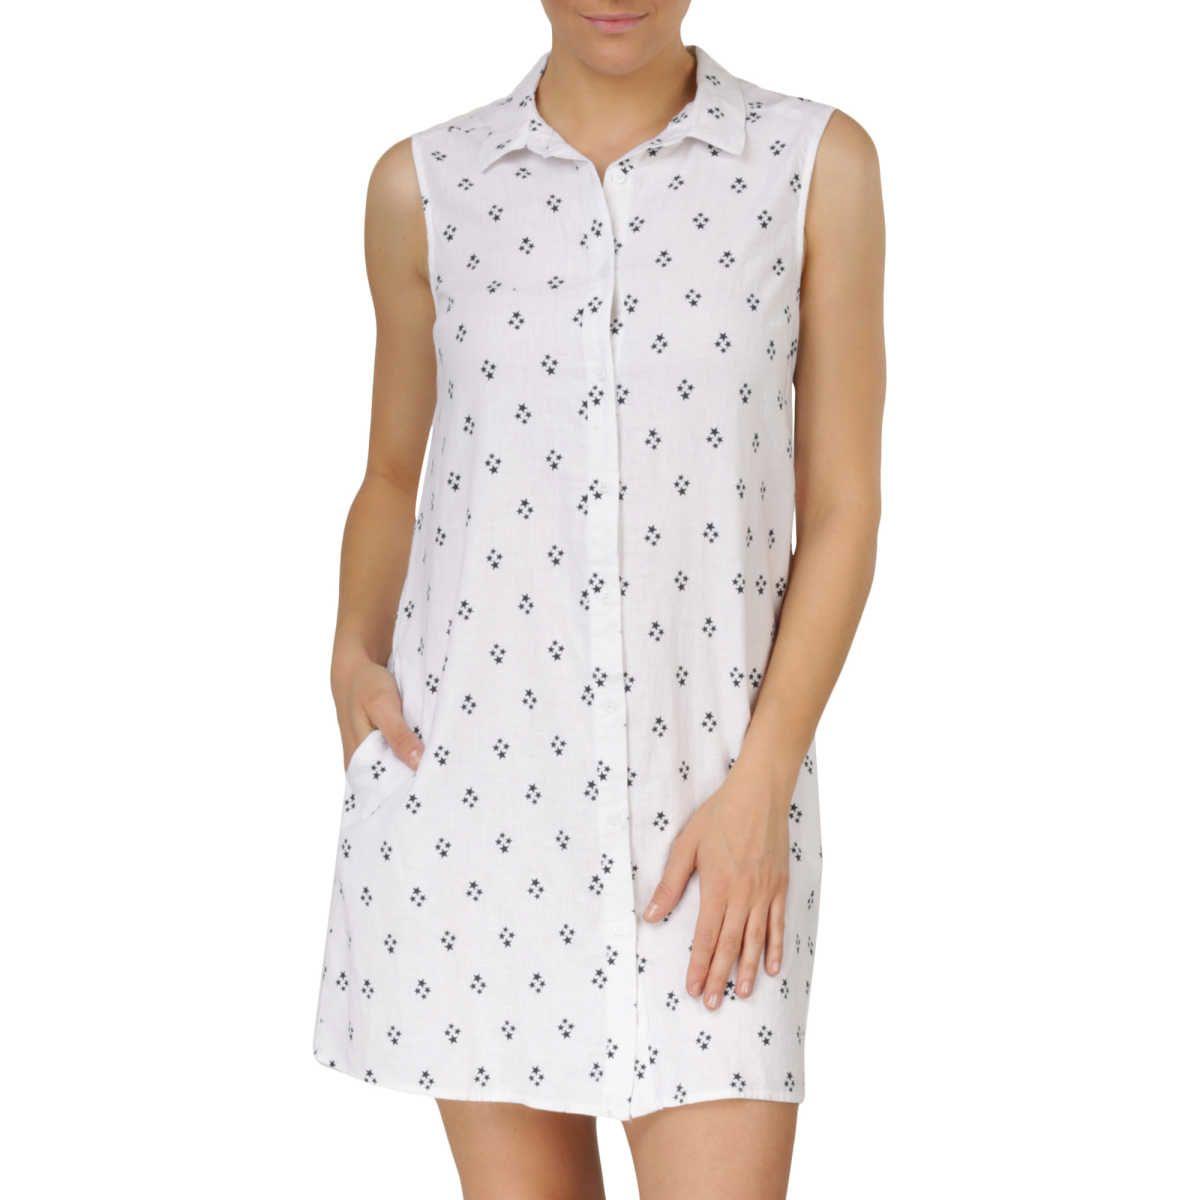 B collection womenus sleeveless linen blend dress white summer